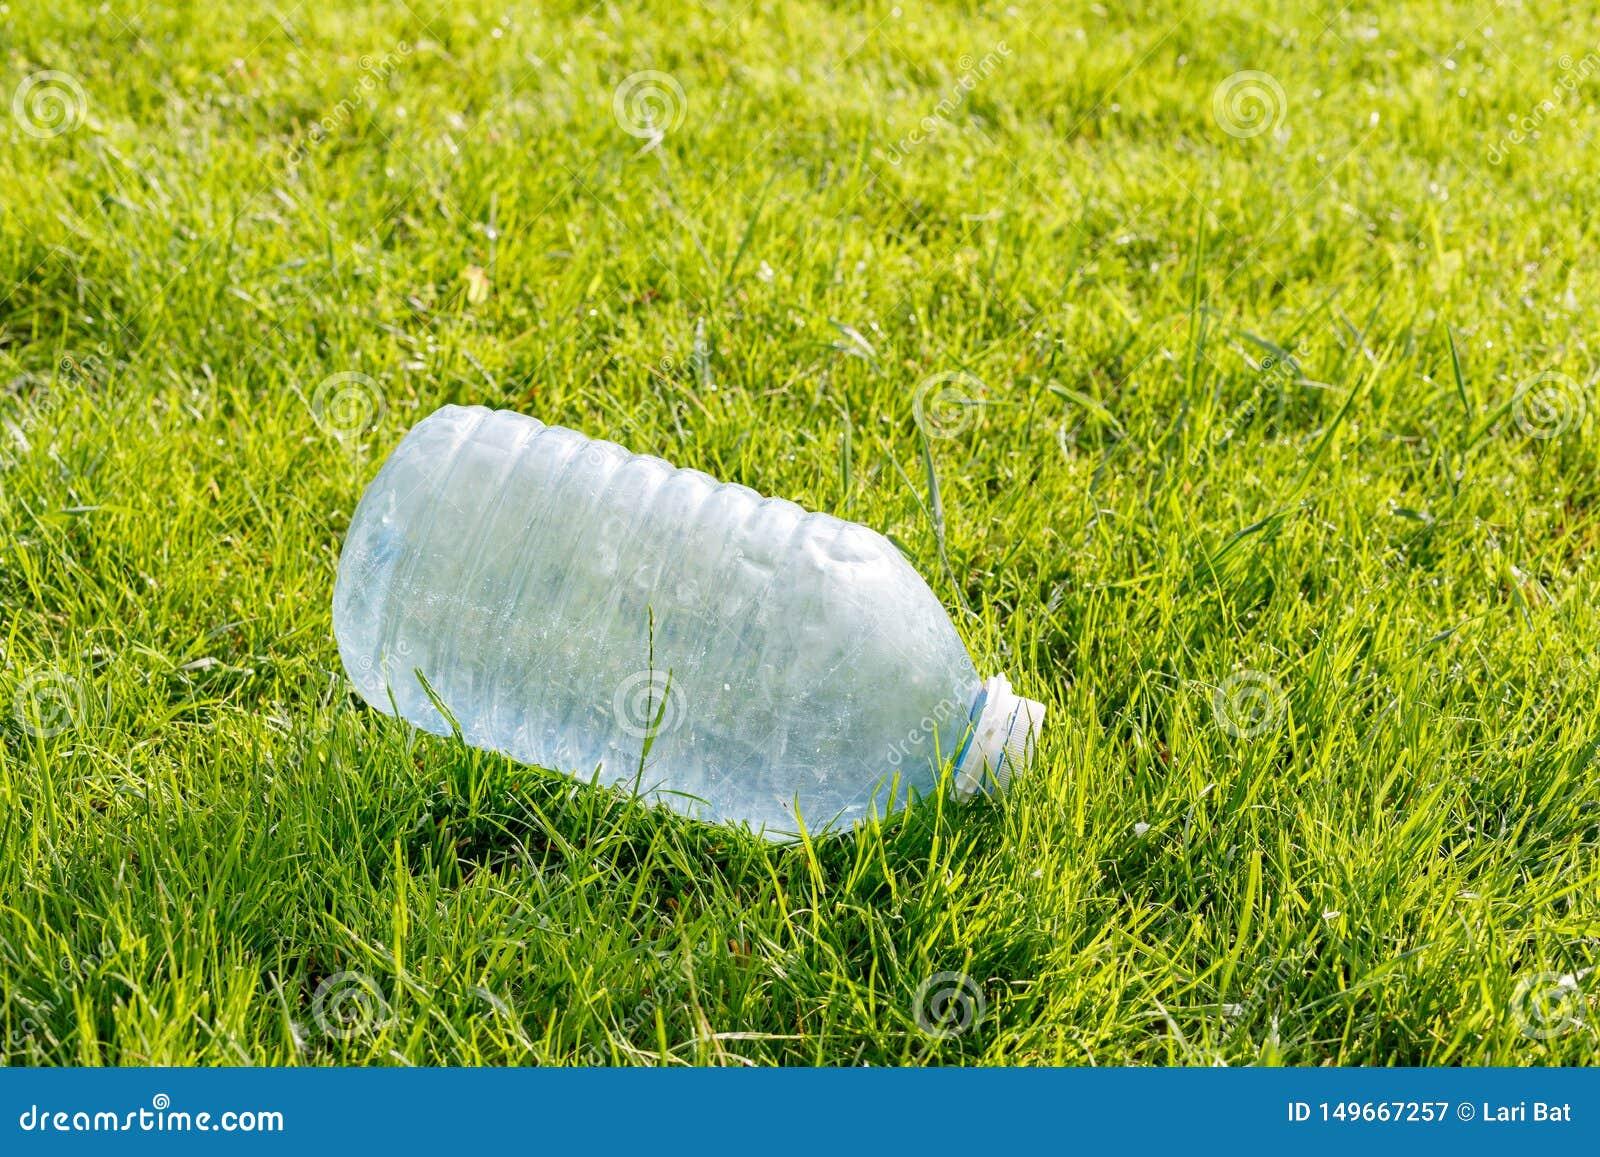 Garrafa pl?stica vazia em um gramado verde Conceito: polui??o ambiental